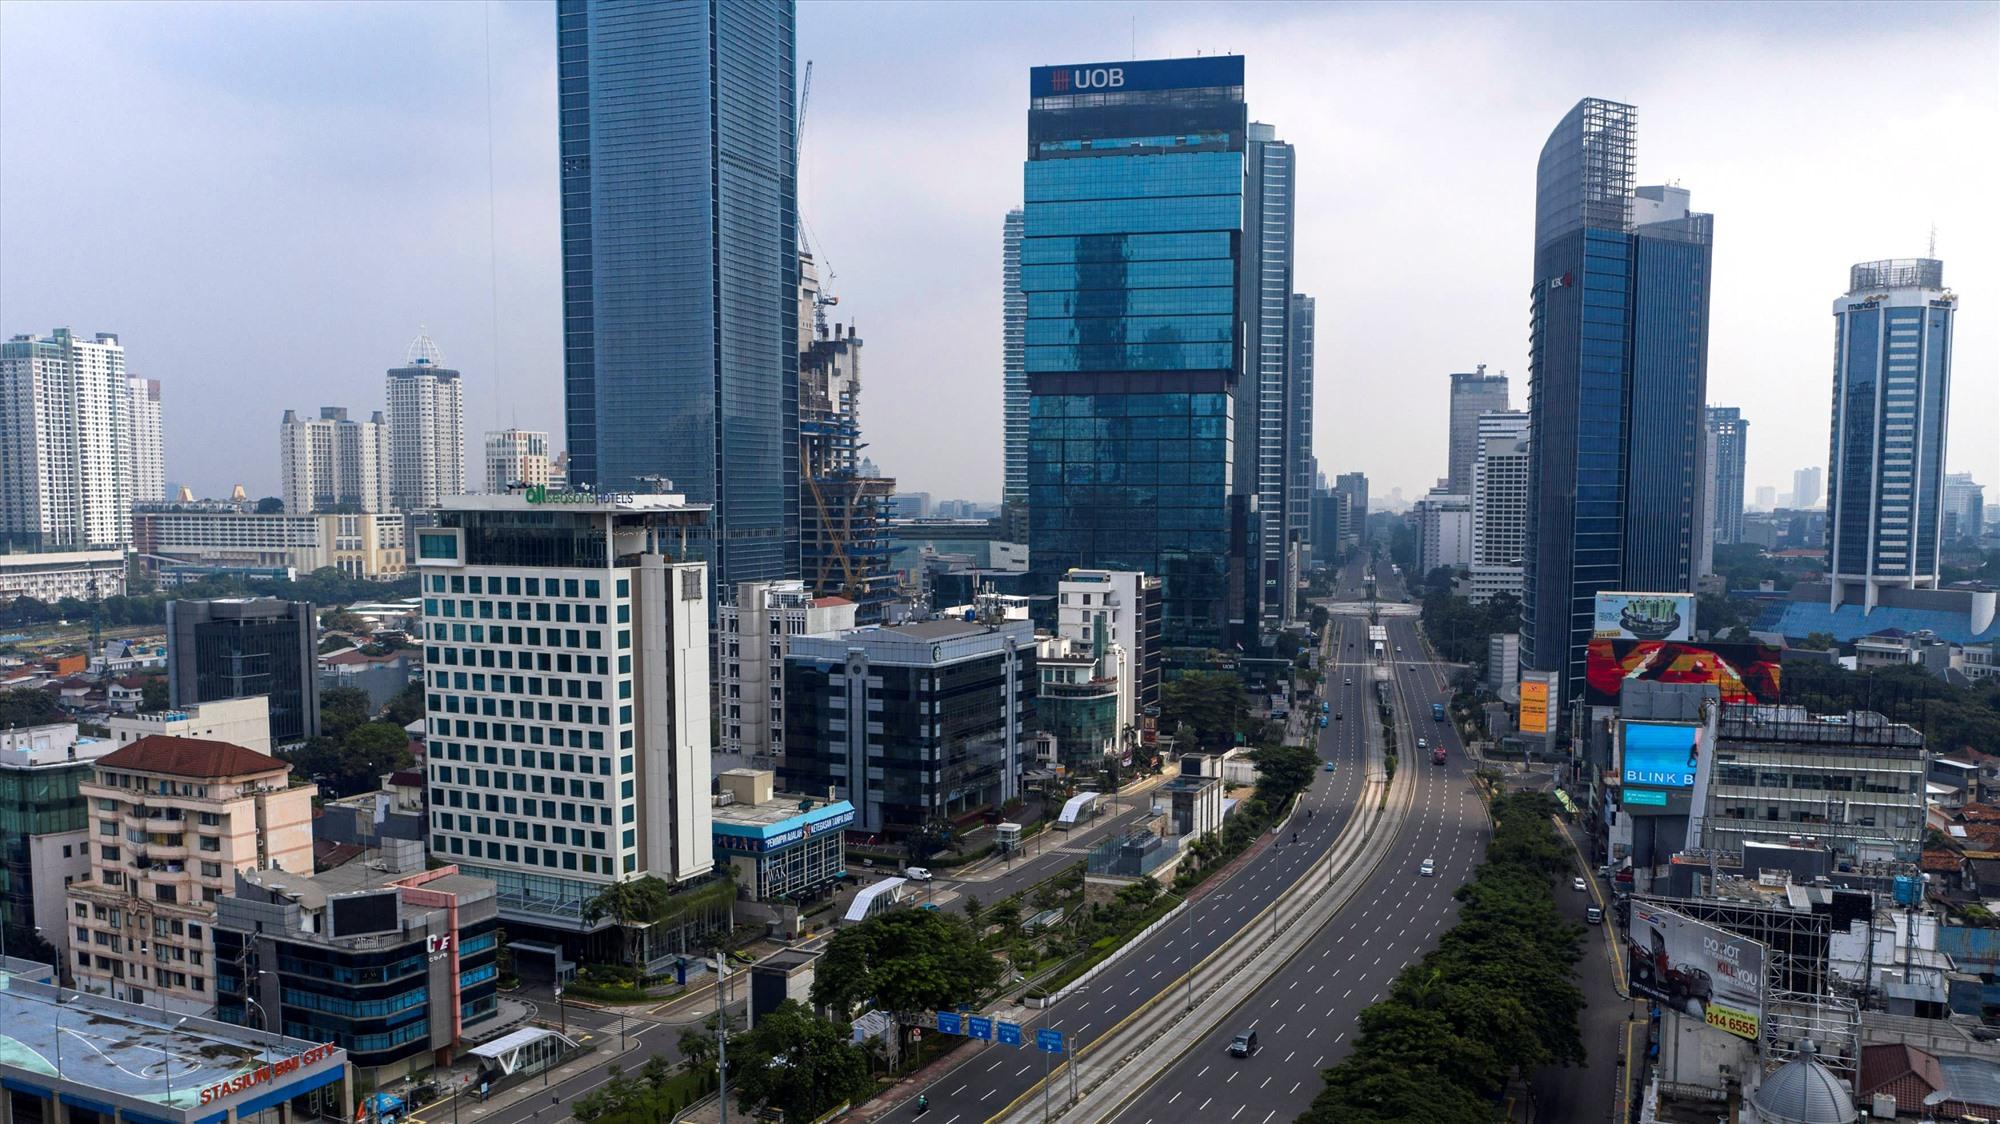 Trung Jakarta, Indonesia thu hút FDI với những ưu đãi về thuế và hợp đồng thuê đất sản xuất. Ảnh: Reuters